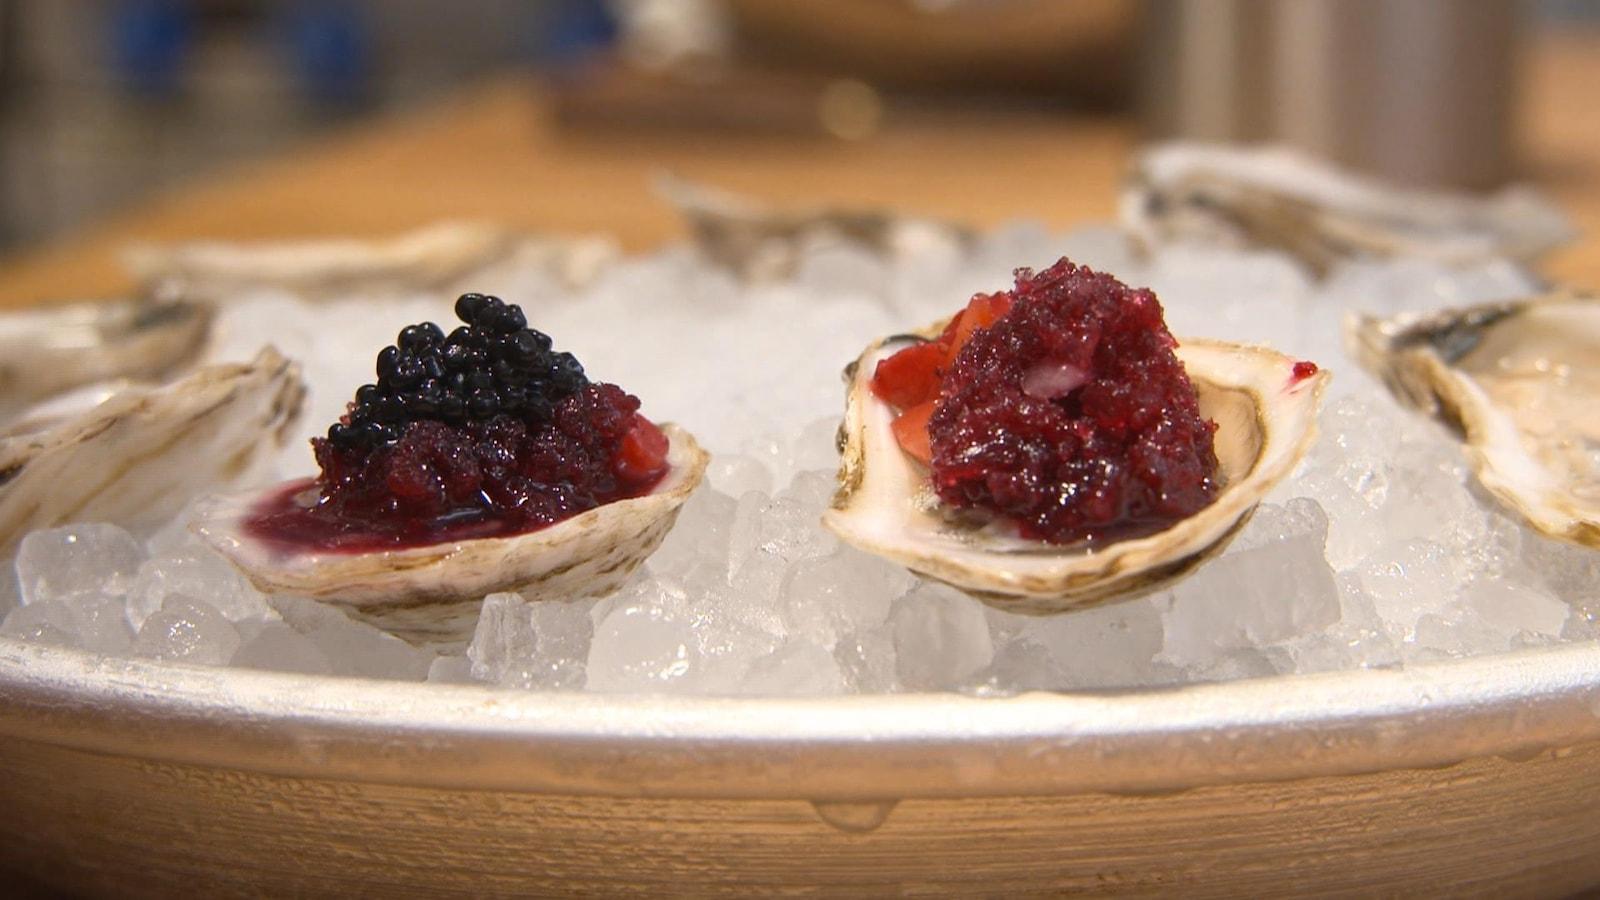 Des huîtres garnies d'un granité d'hibiscus et de caviar, servies sur un lit de glace concassée.